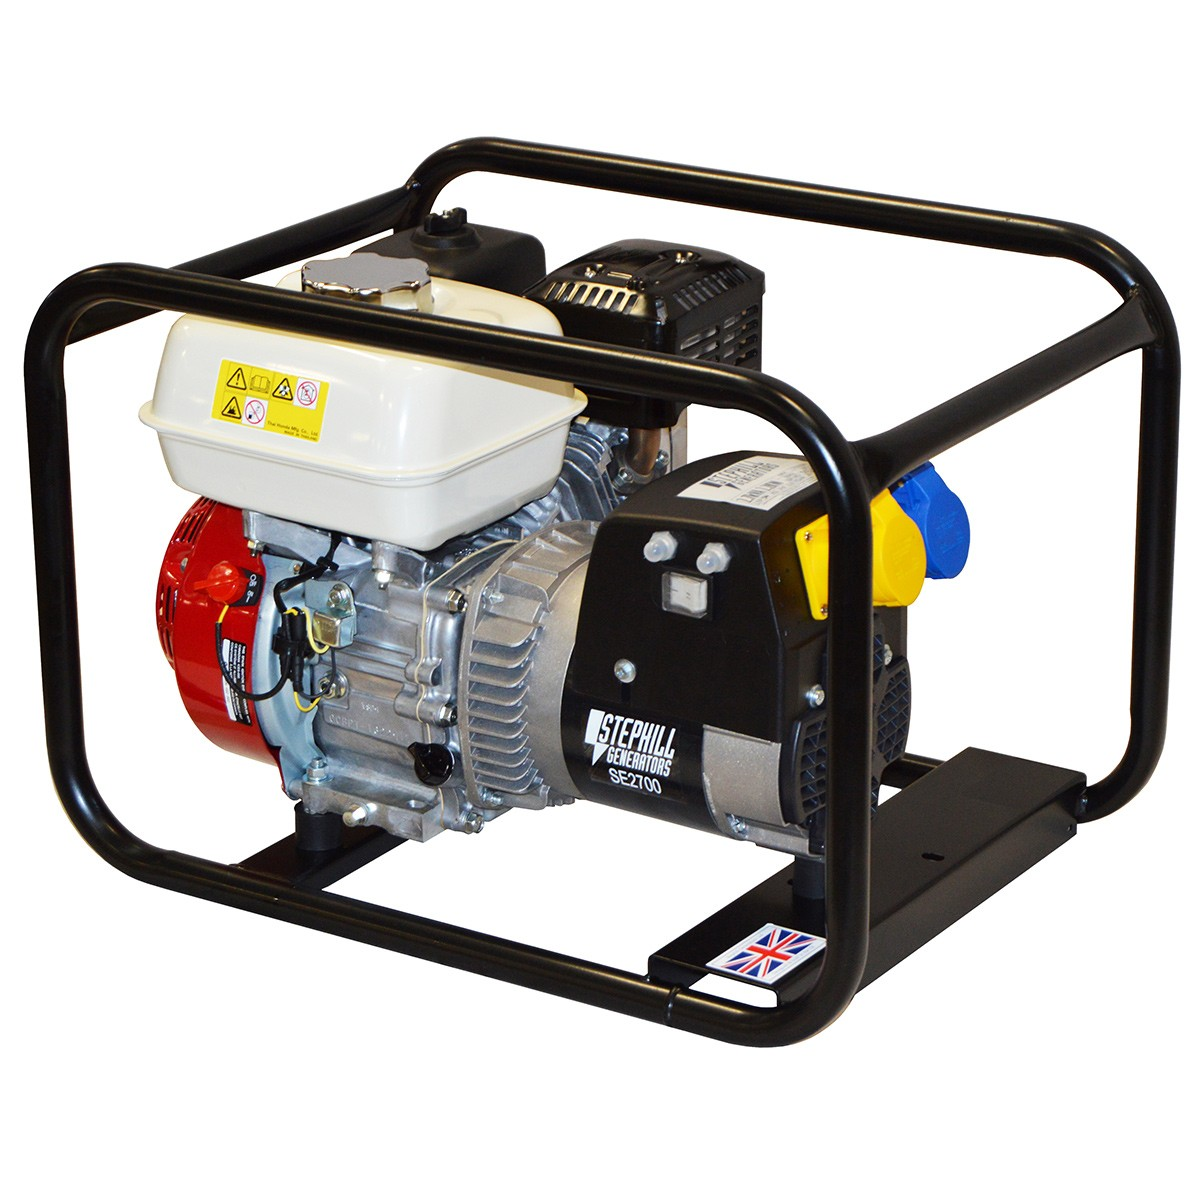 2.5 kva Generator (Petrol)